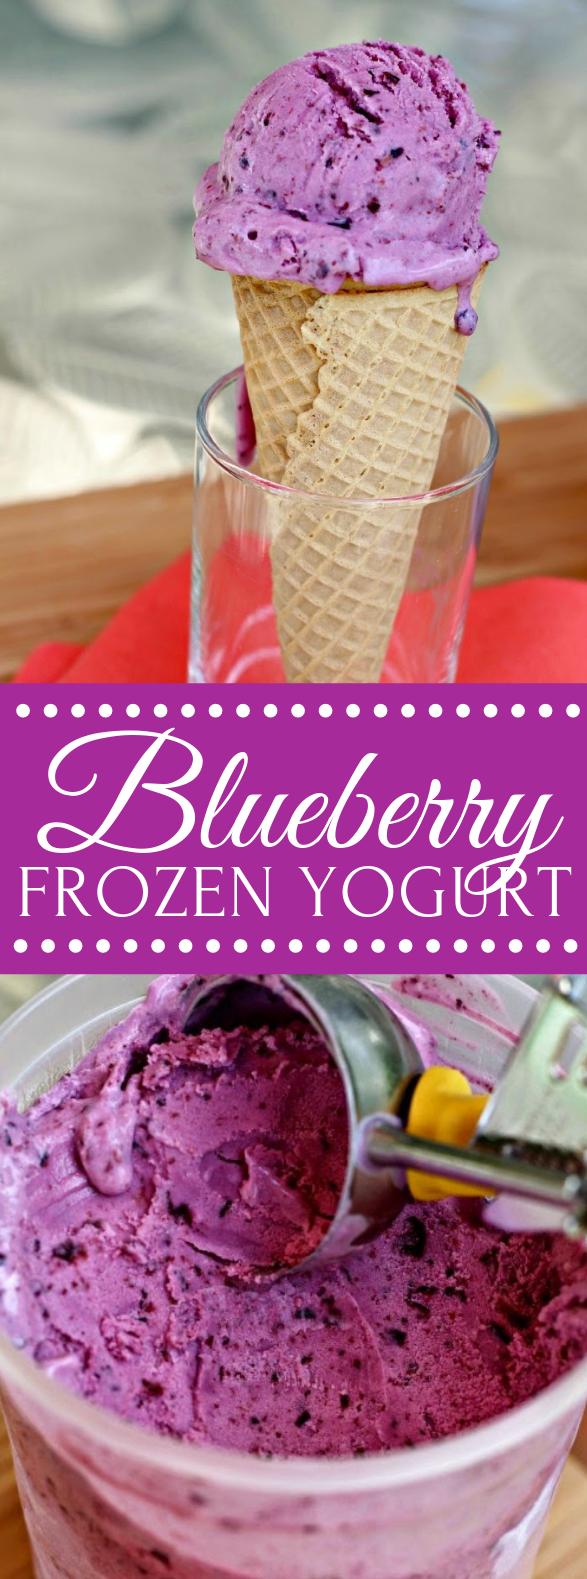 Blueberry Frozen Yogurt #desserts #summer